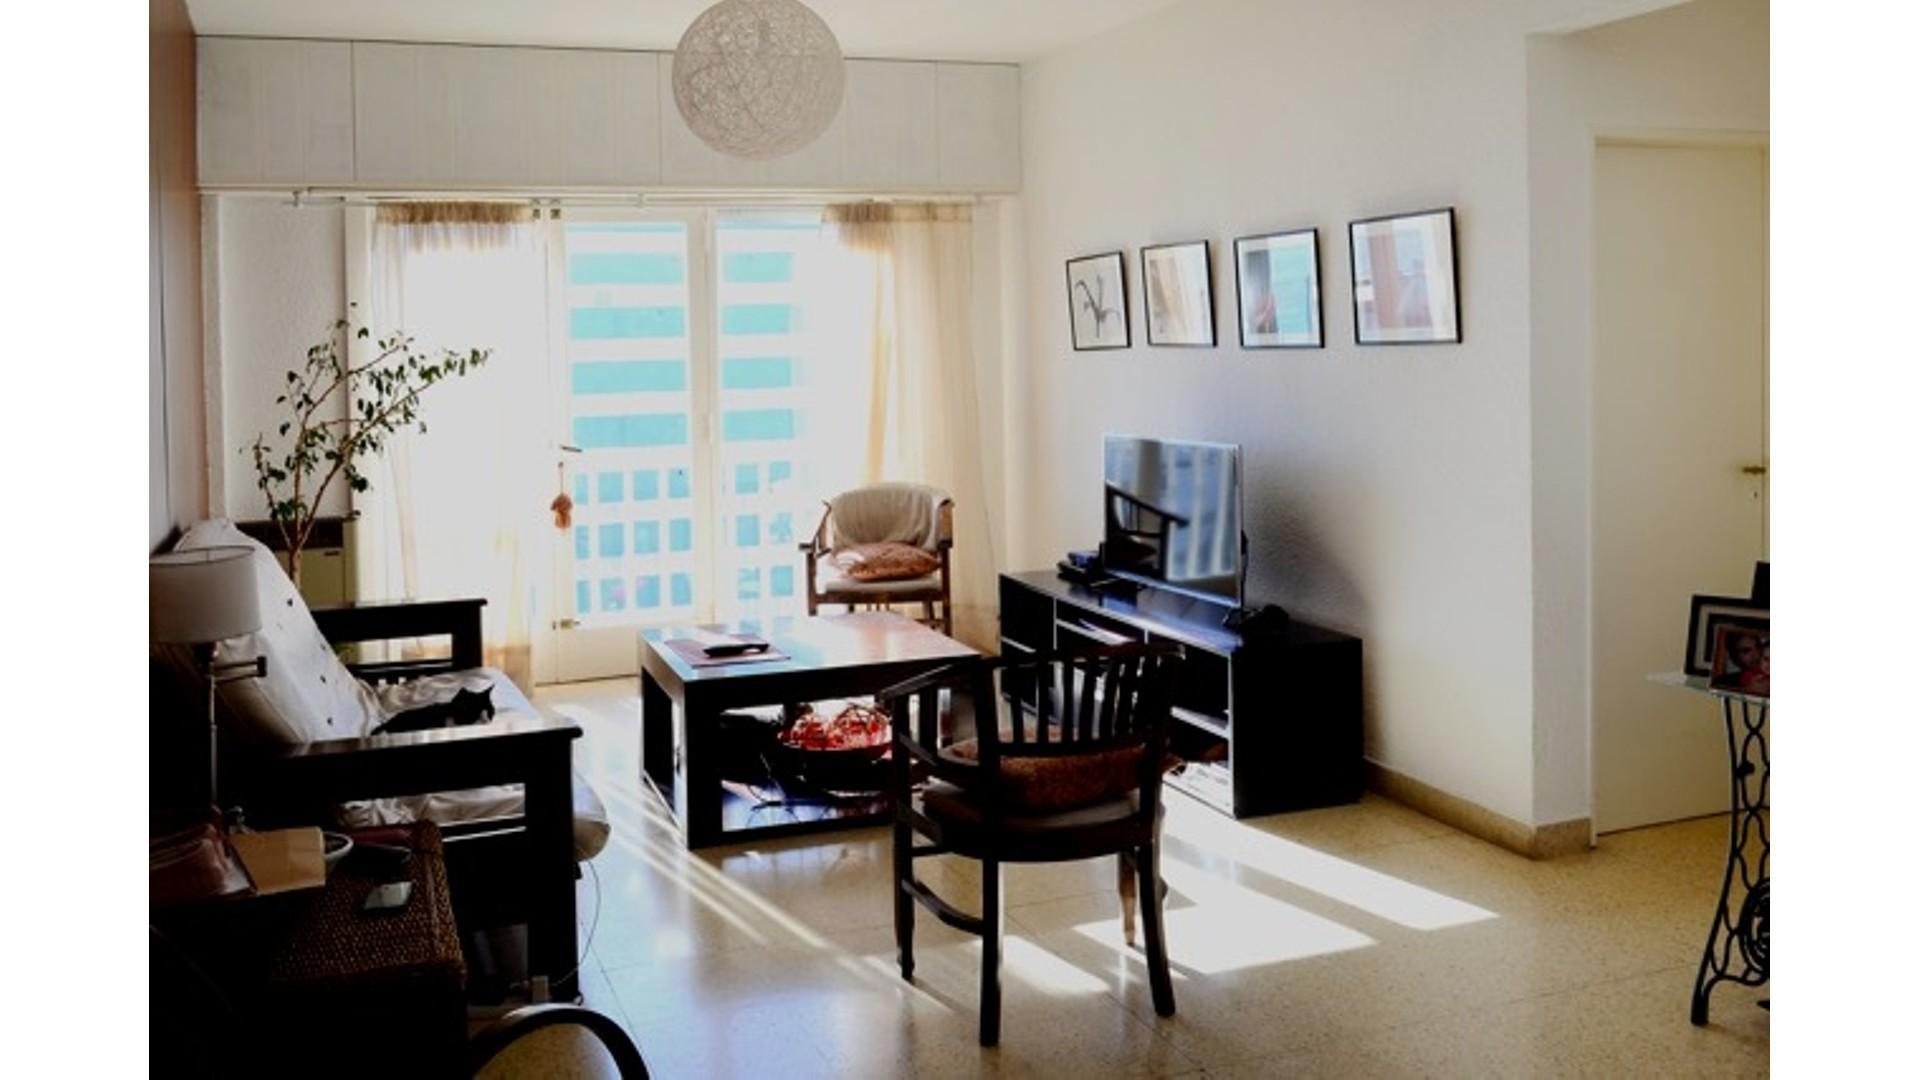 Z/ Gascón y A. del Valle, 3 dormitorios, contrafrente, vista al mar, amplio, cocina y comedor diario